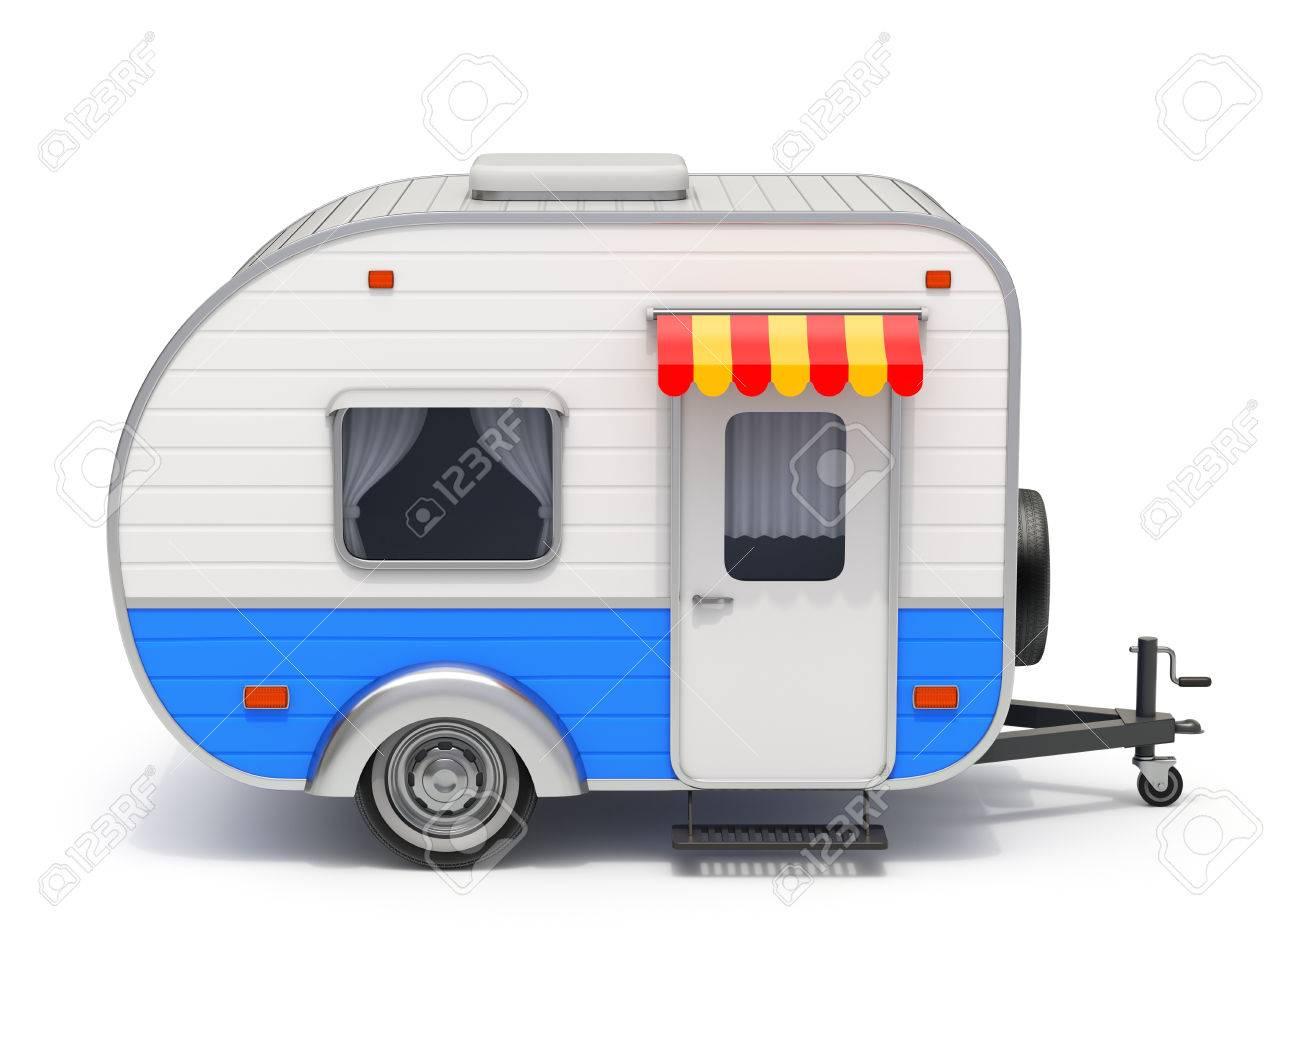 RV Wohnmobil Anhänger auf weißem Hintergrund - 10D-Darstellung